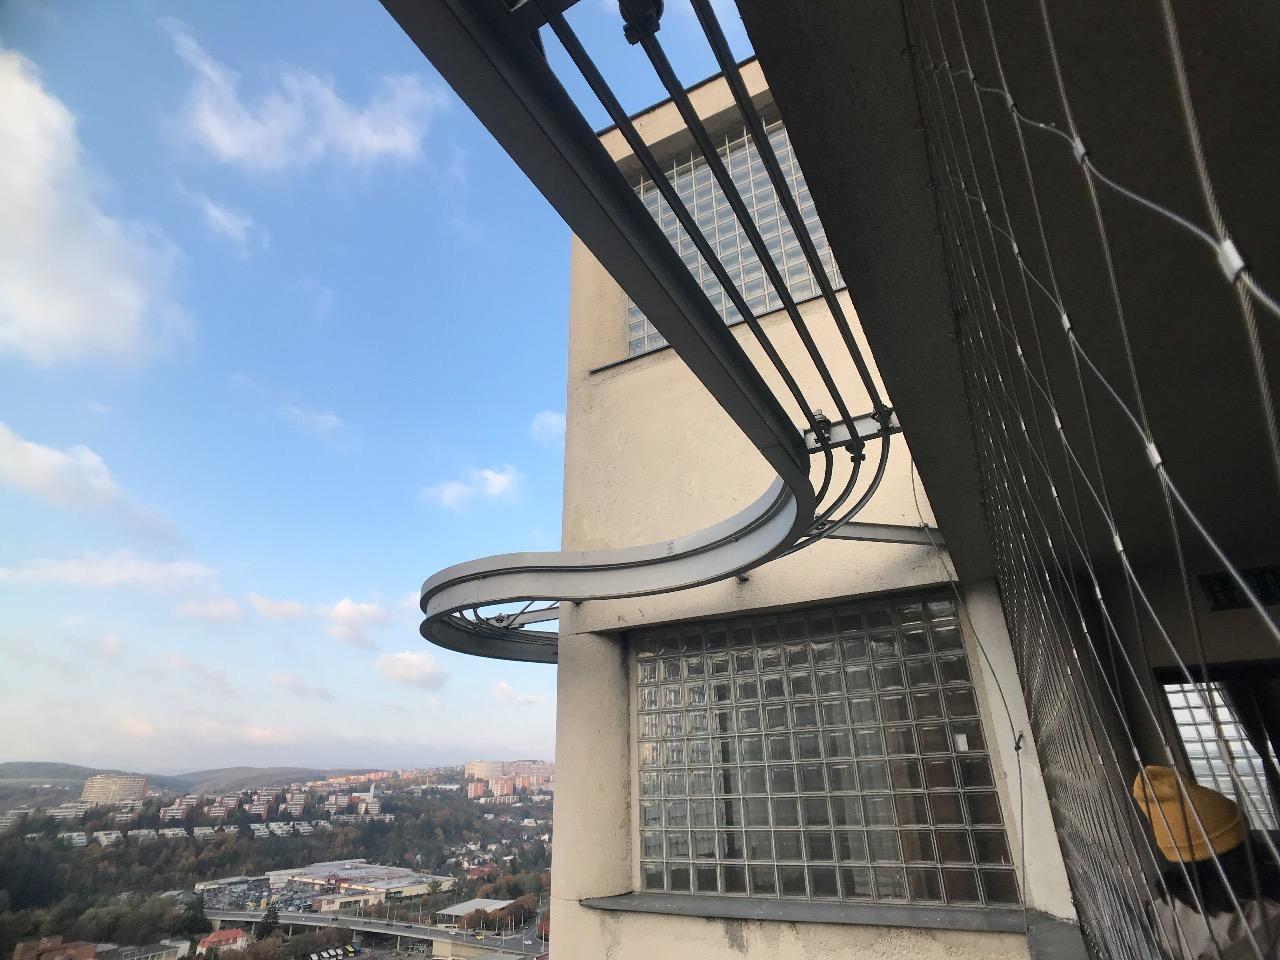 【動画】社長室がエレベーターになって上下していた不思議な靴会社「バチャ(Baťa)」